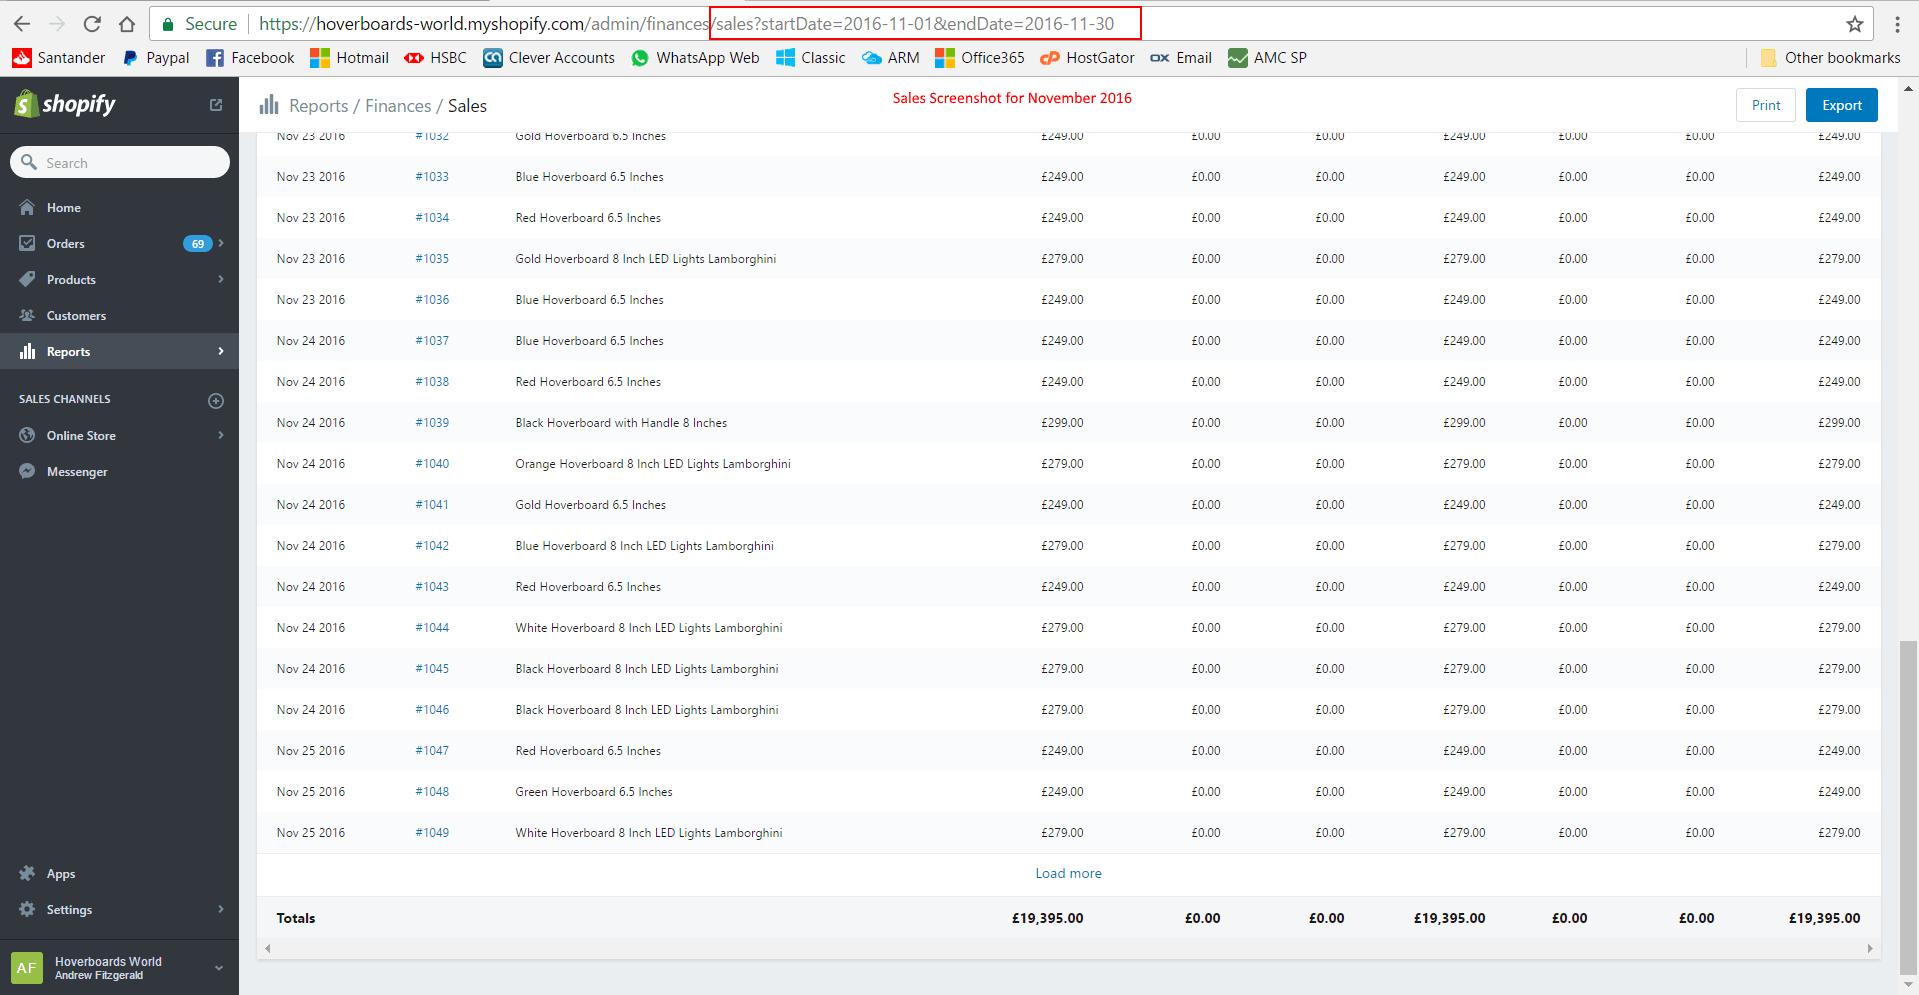 shopify-sales